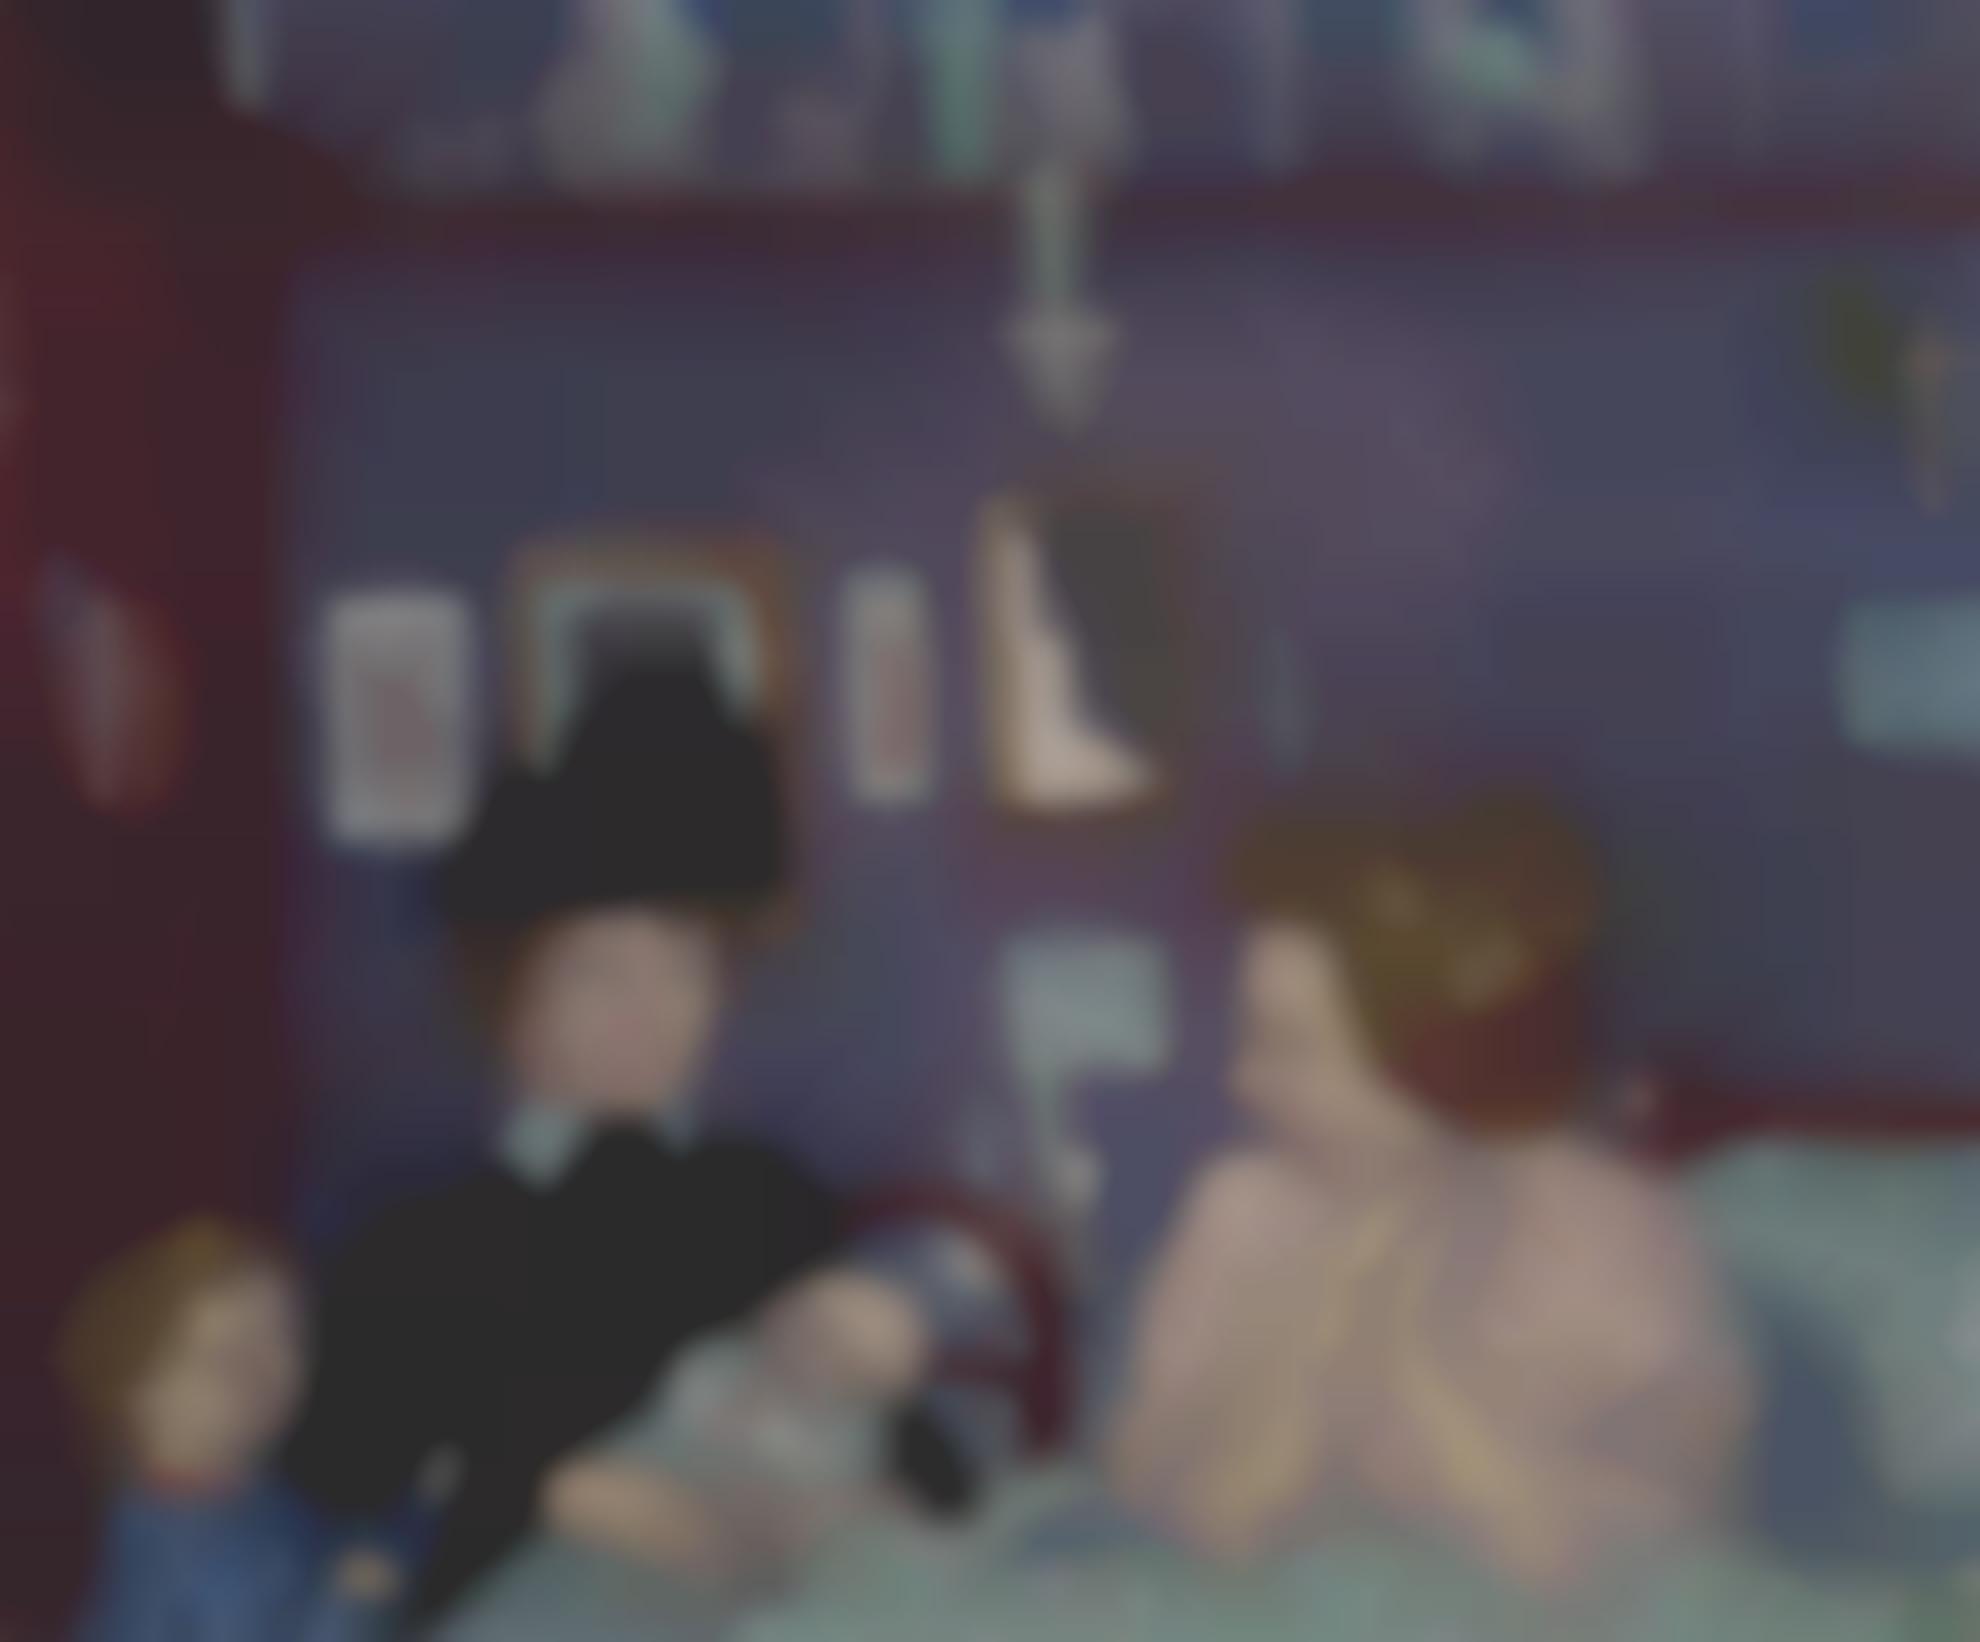 Maurice Denis-Visite Dans La Chambre Violette-1899